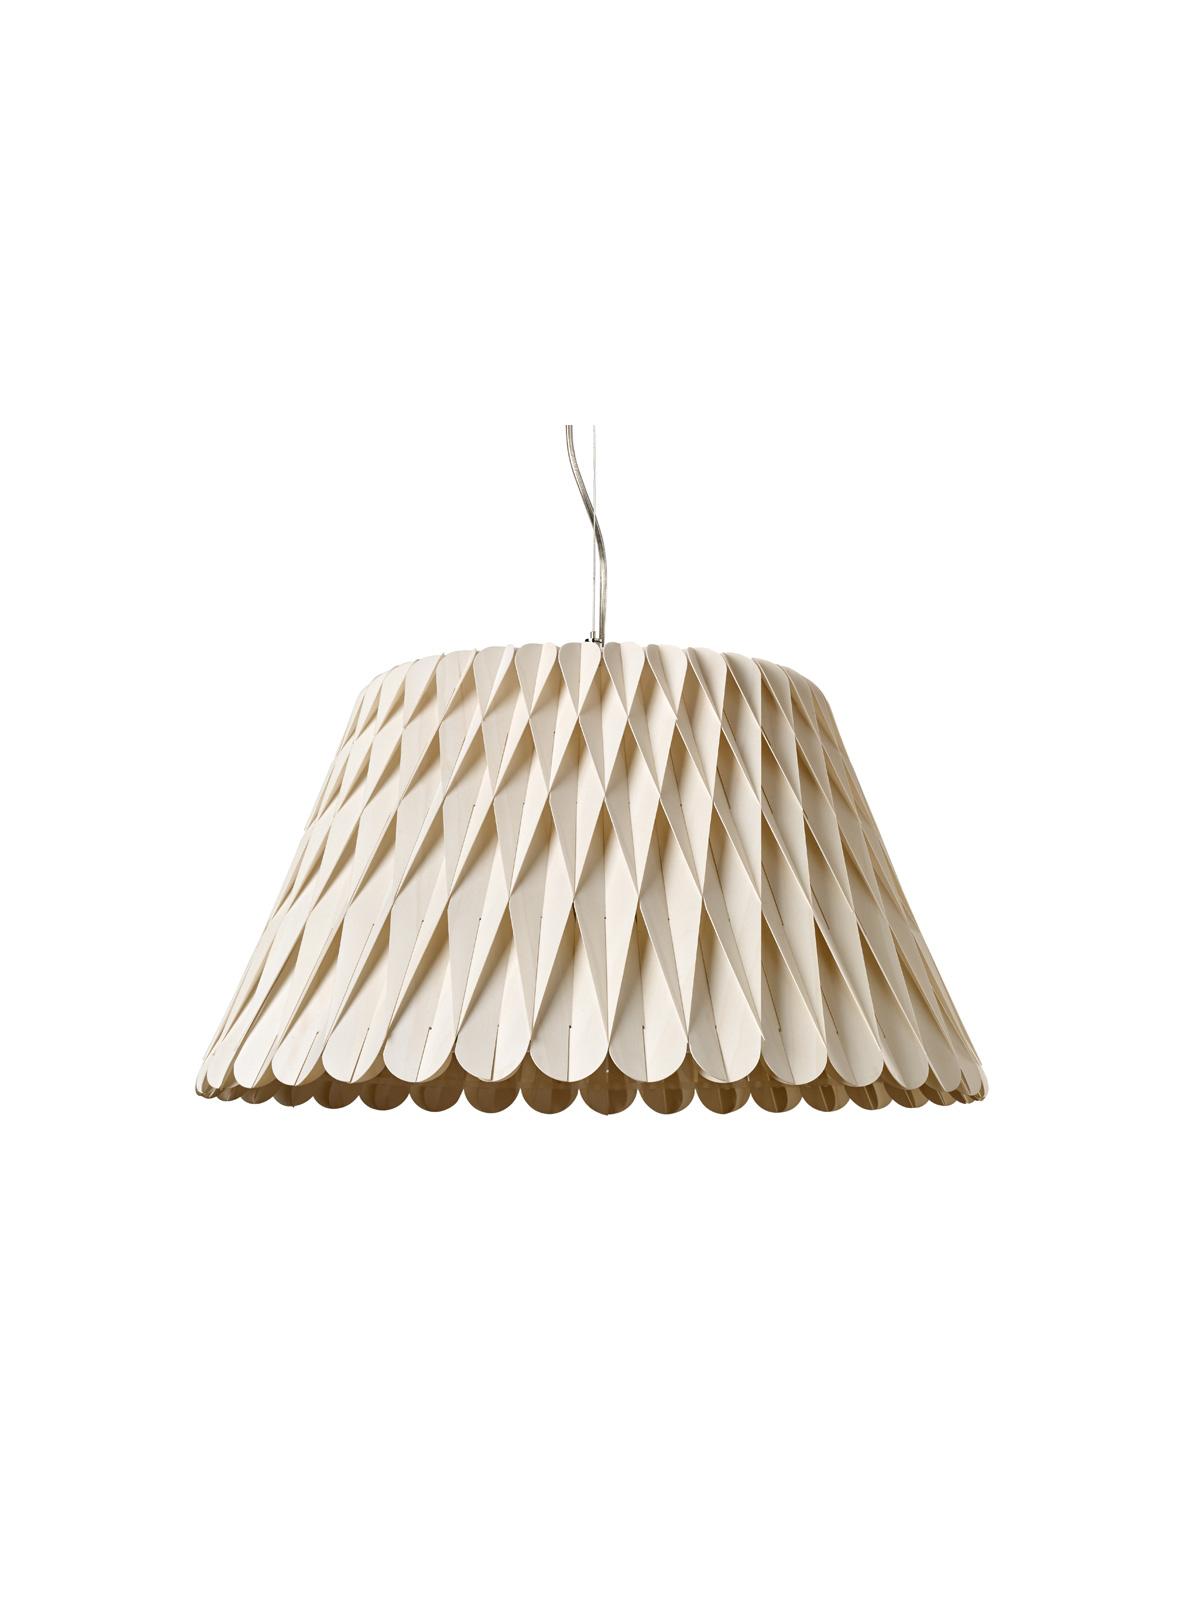 Lola Pendelleuchte LZF Lamps